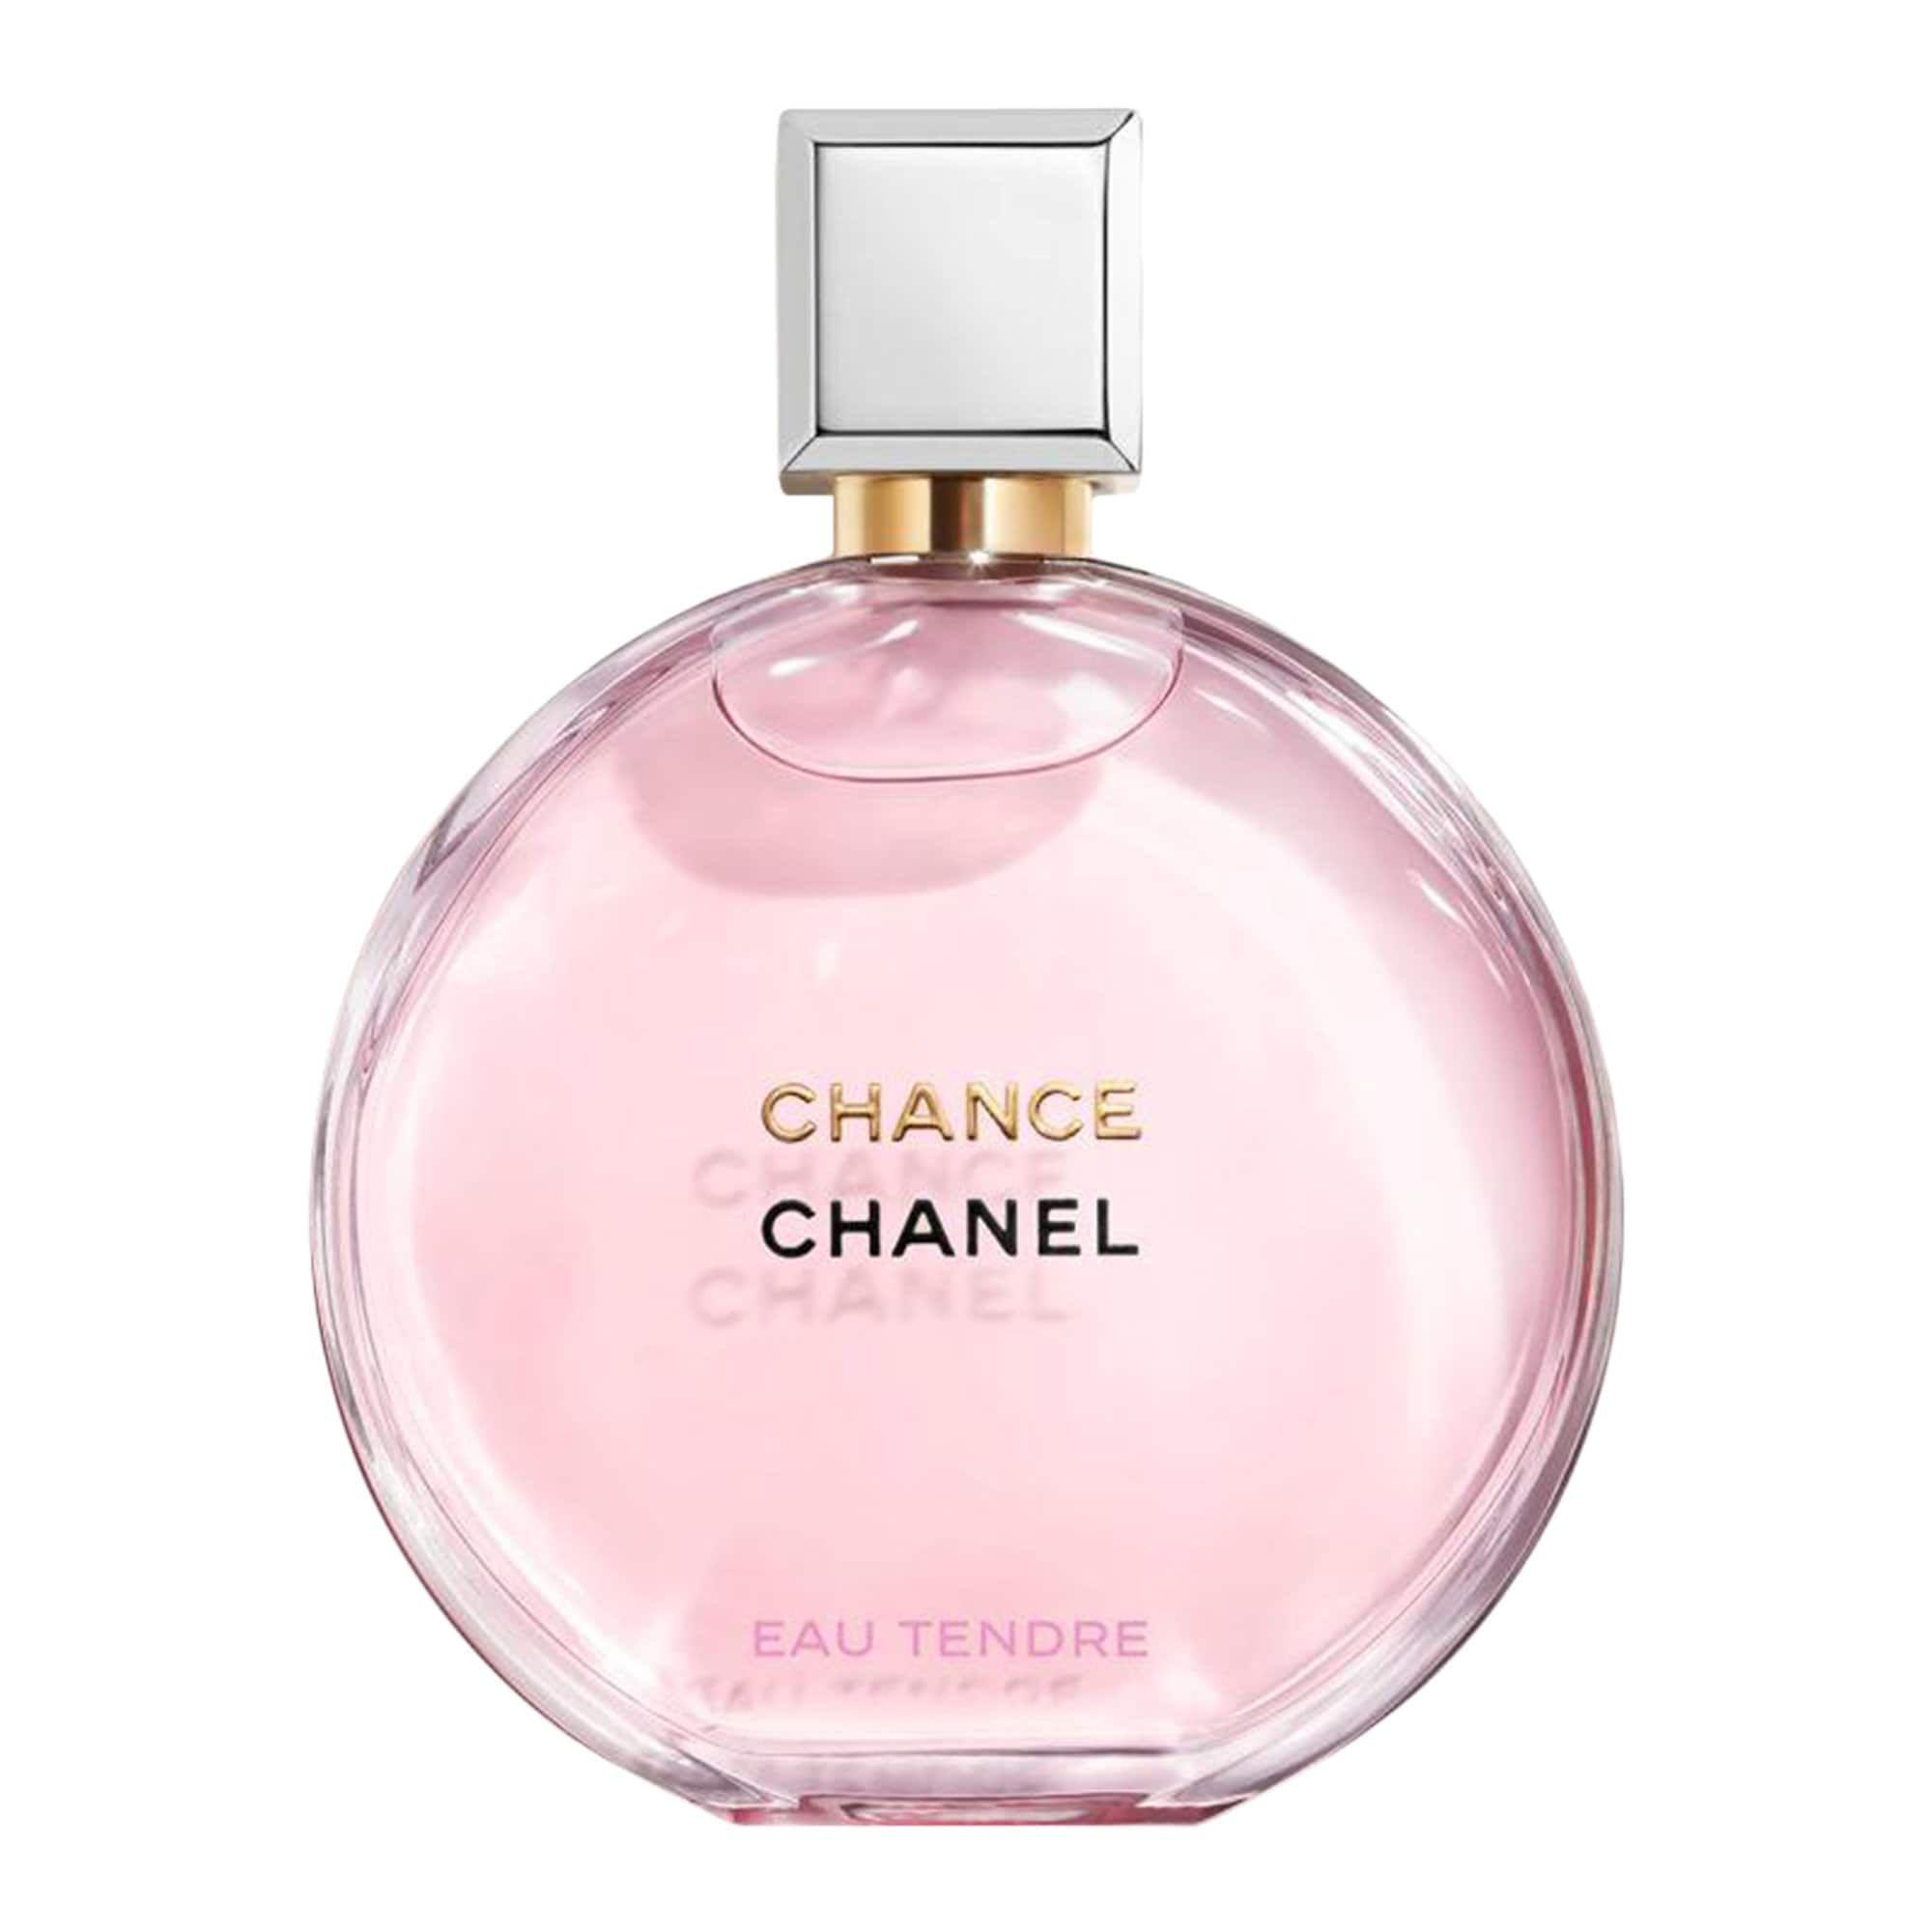 Chanel Chance Eau Tendre Eau De Parfum 17oz50ml Eau De Parfum